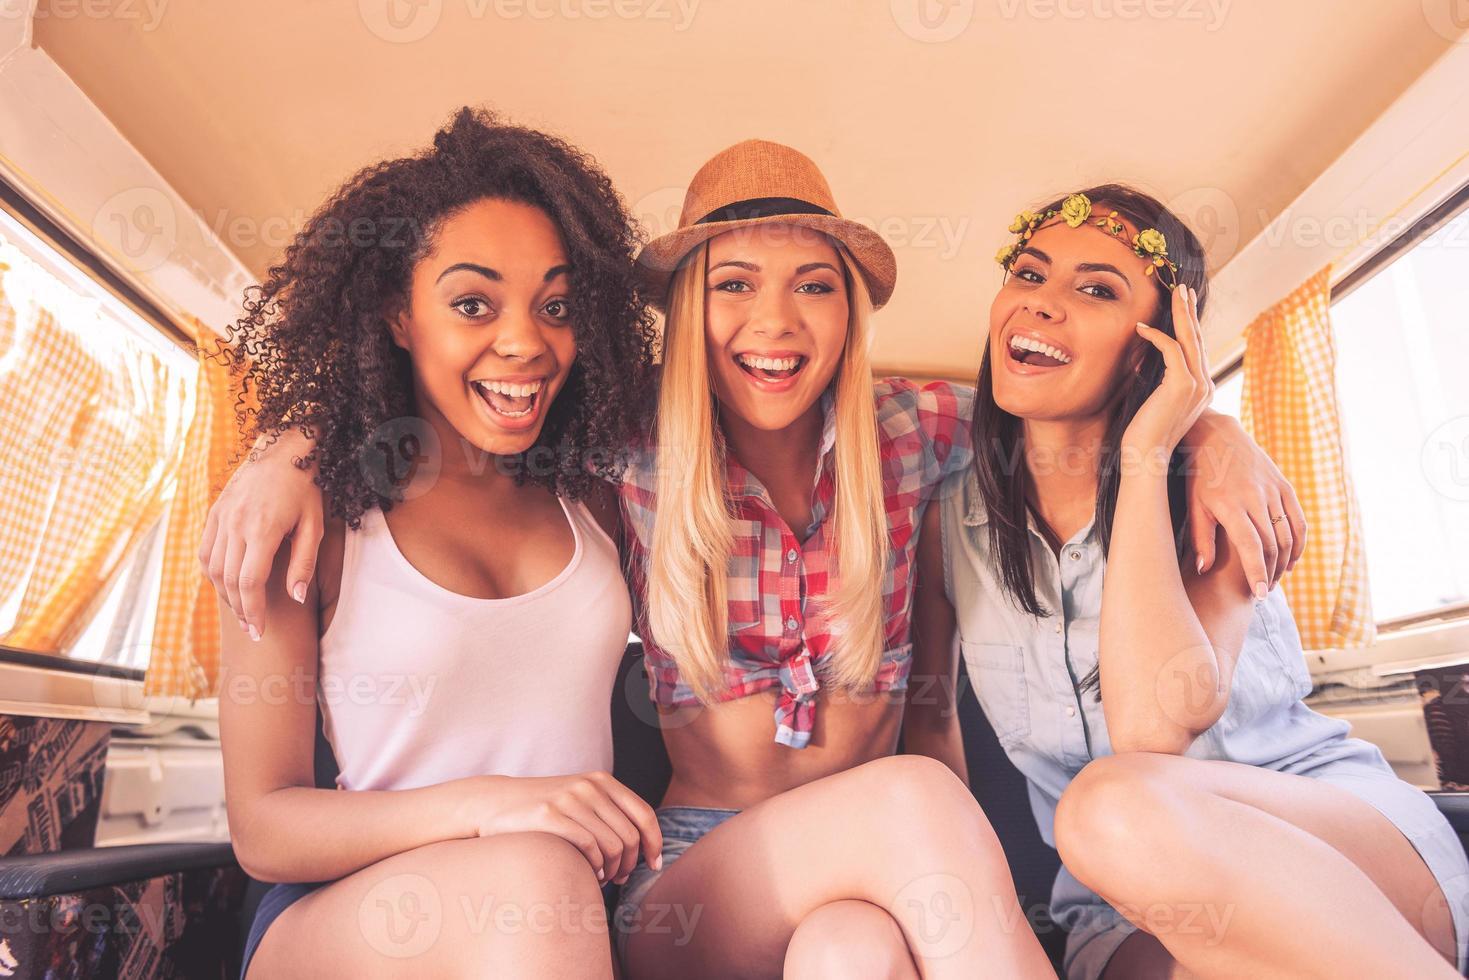 le ragazze vogliono solo divertirsi. foto